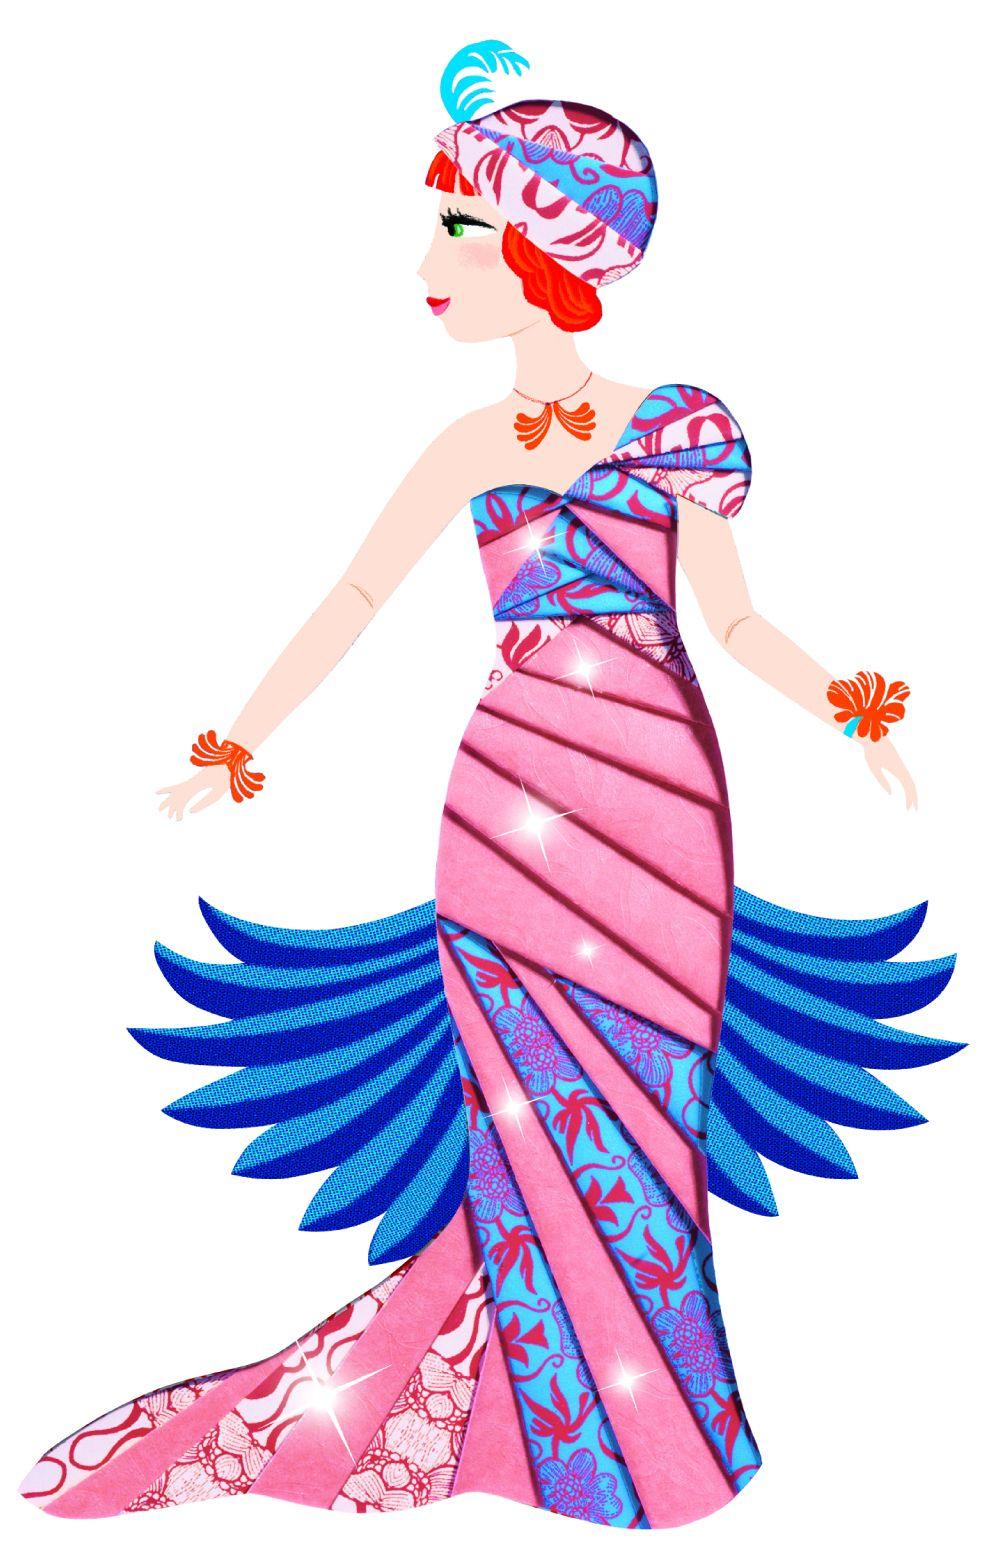 Детски комплект Направи сам от хартия Djeco – Разноцветни рокли - 4